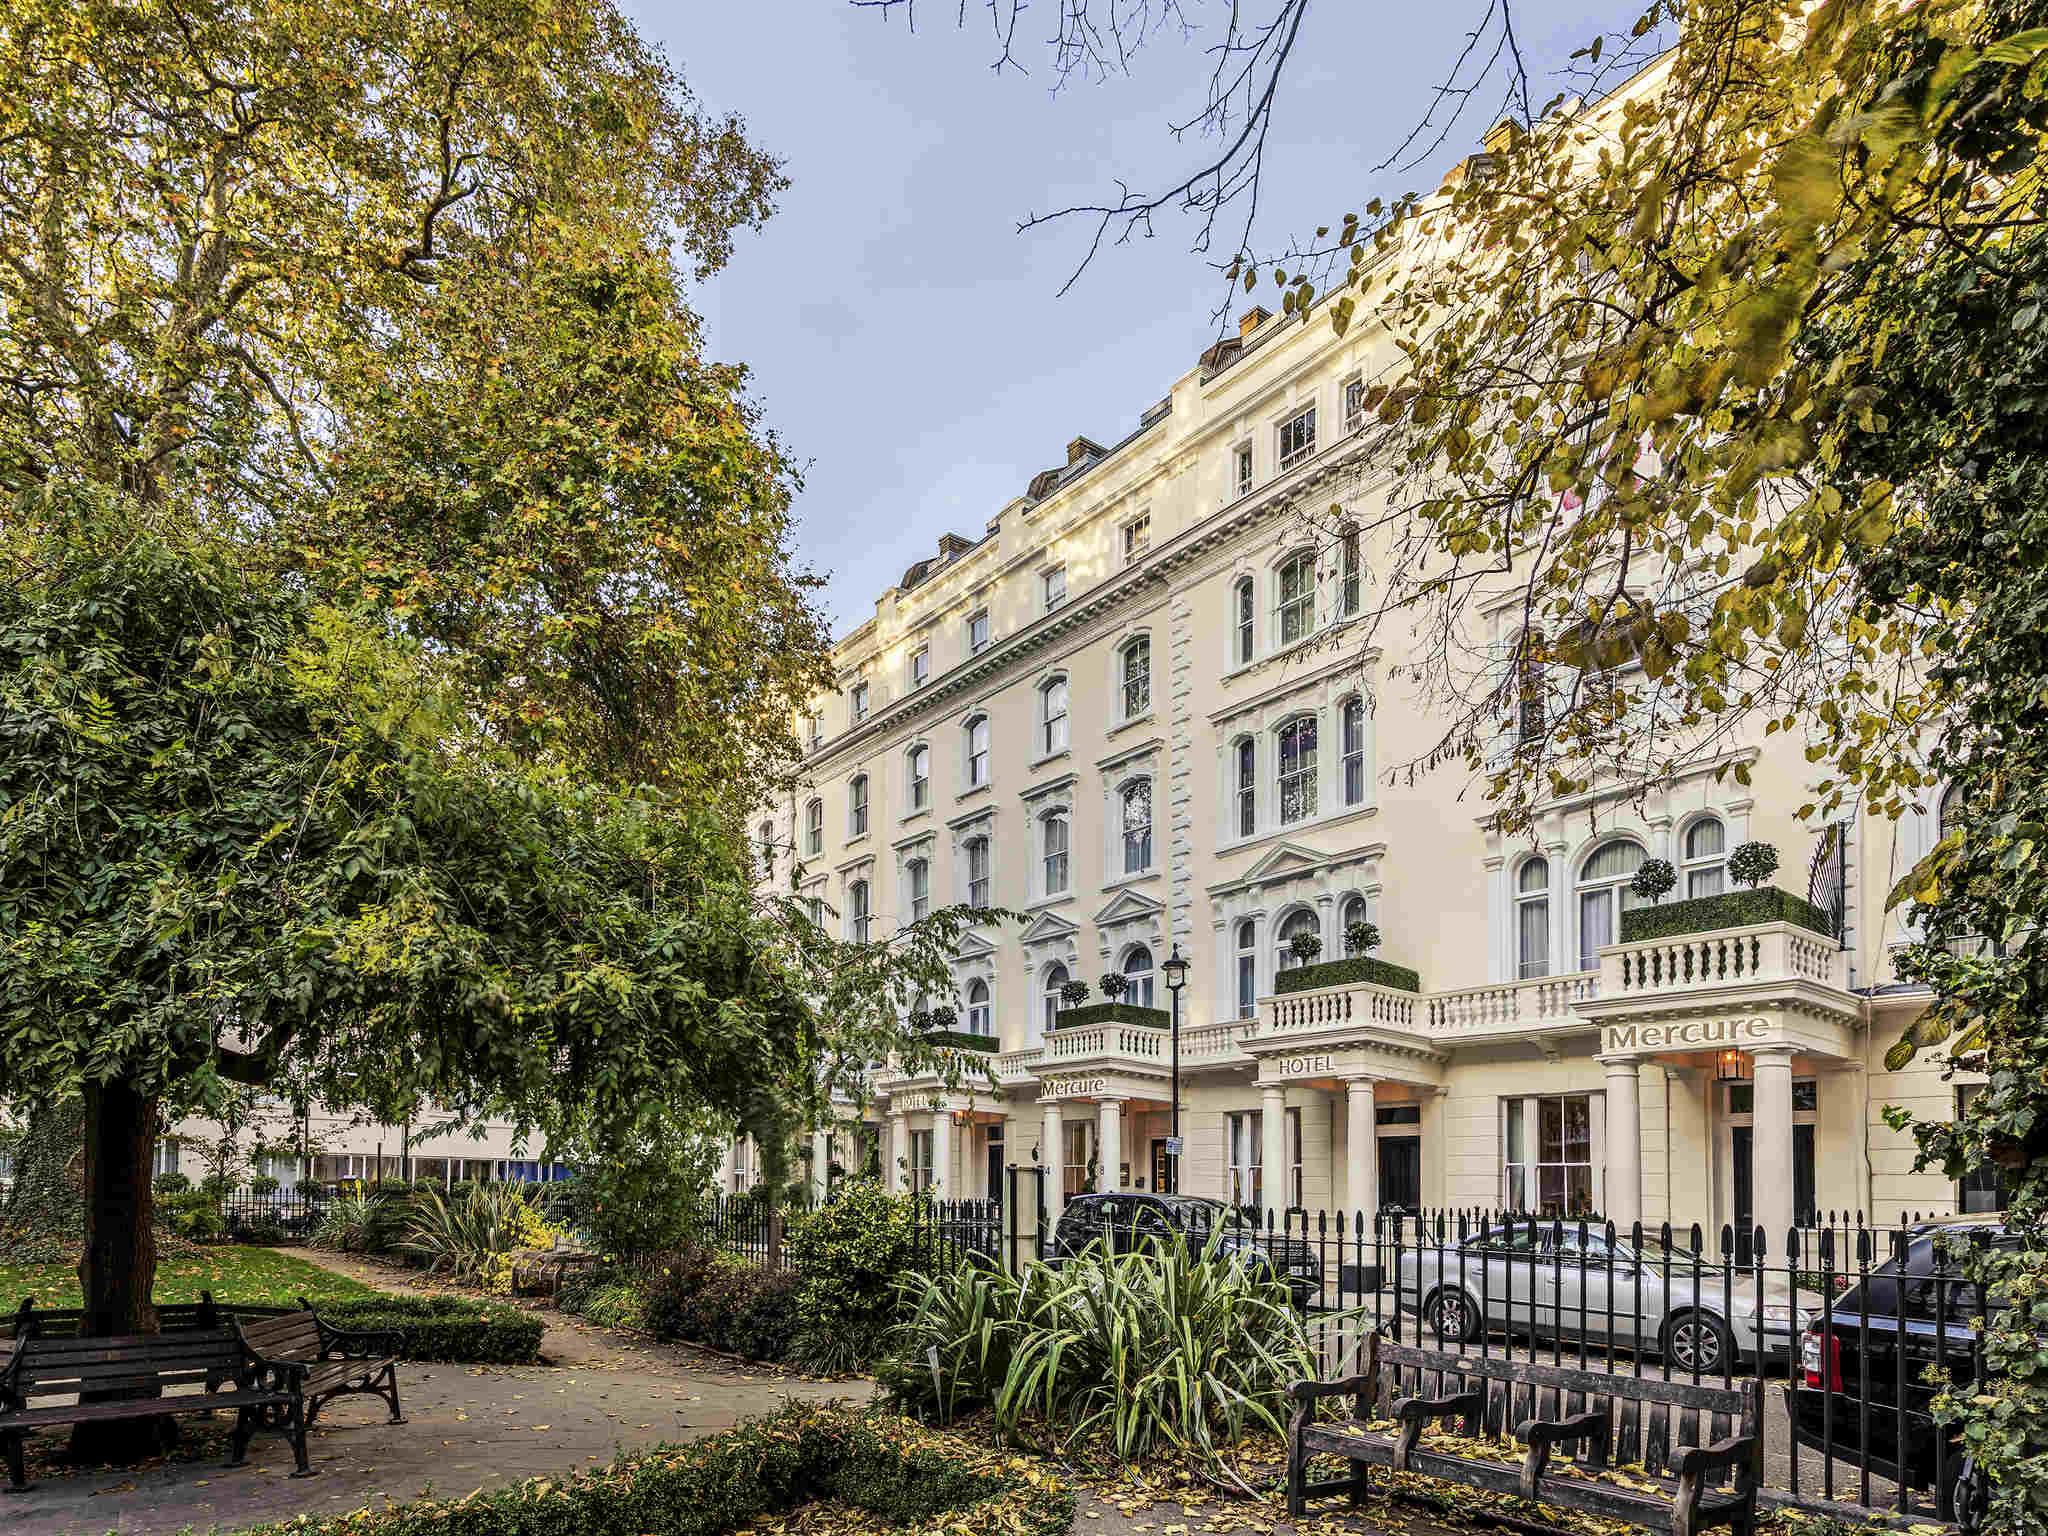 ホテル – メルキュール ロンドン ハイドパーク ホテル